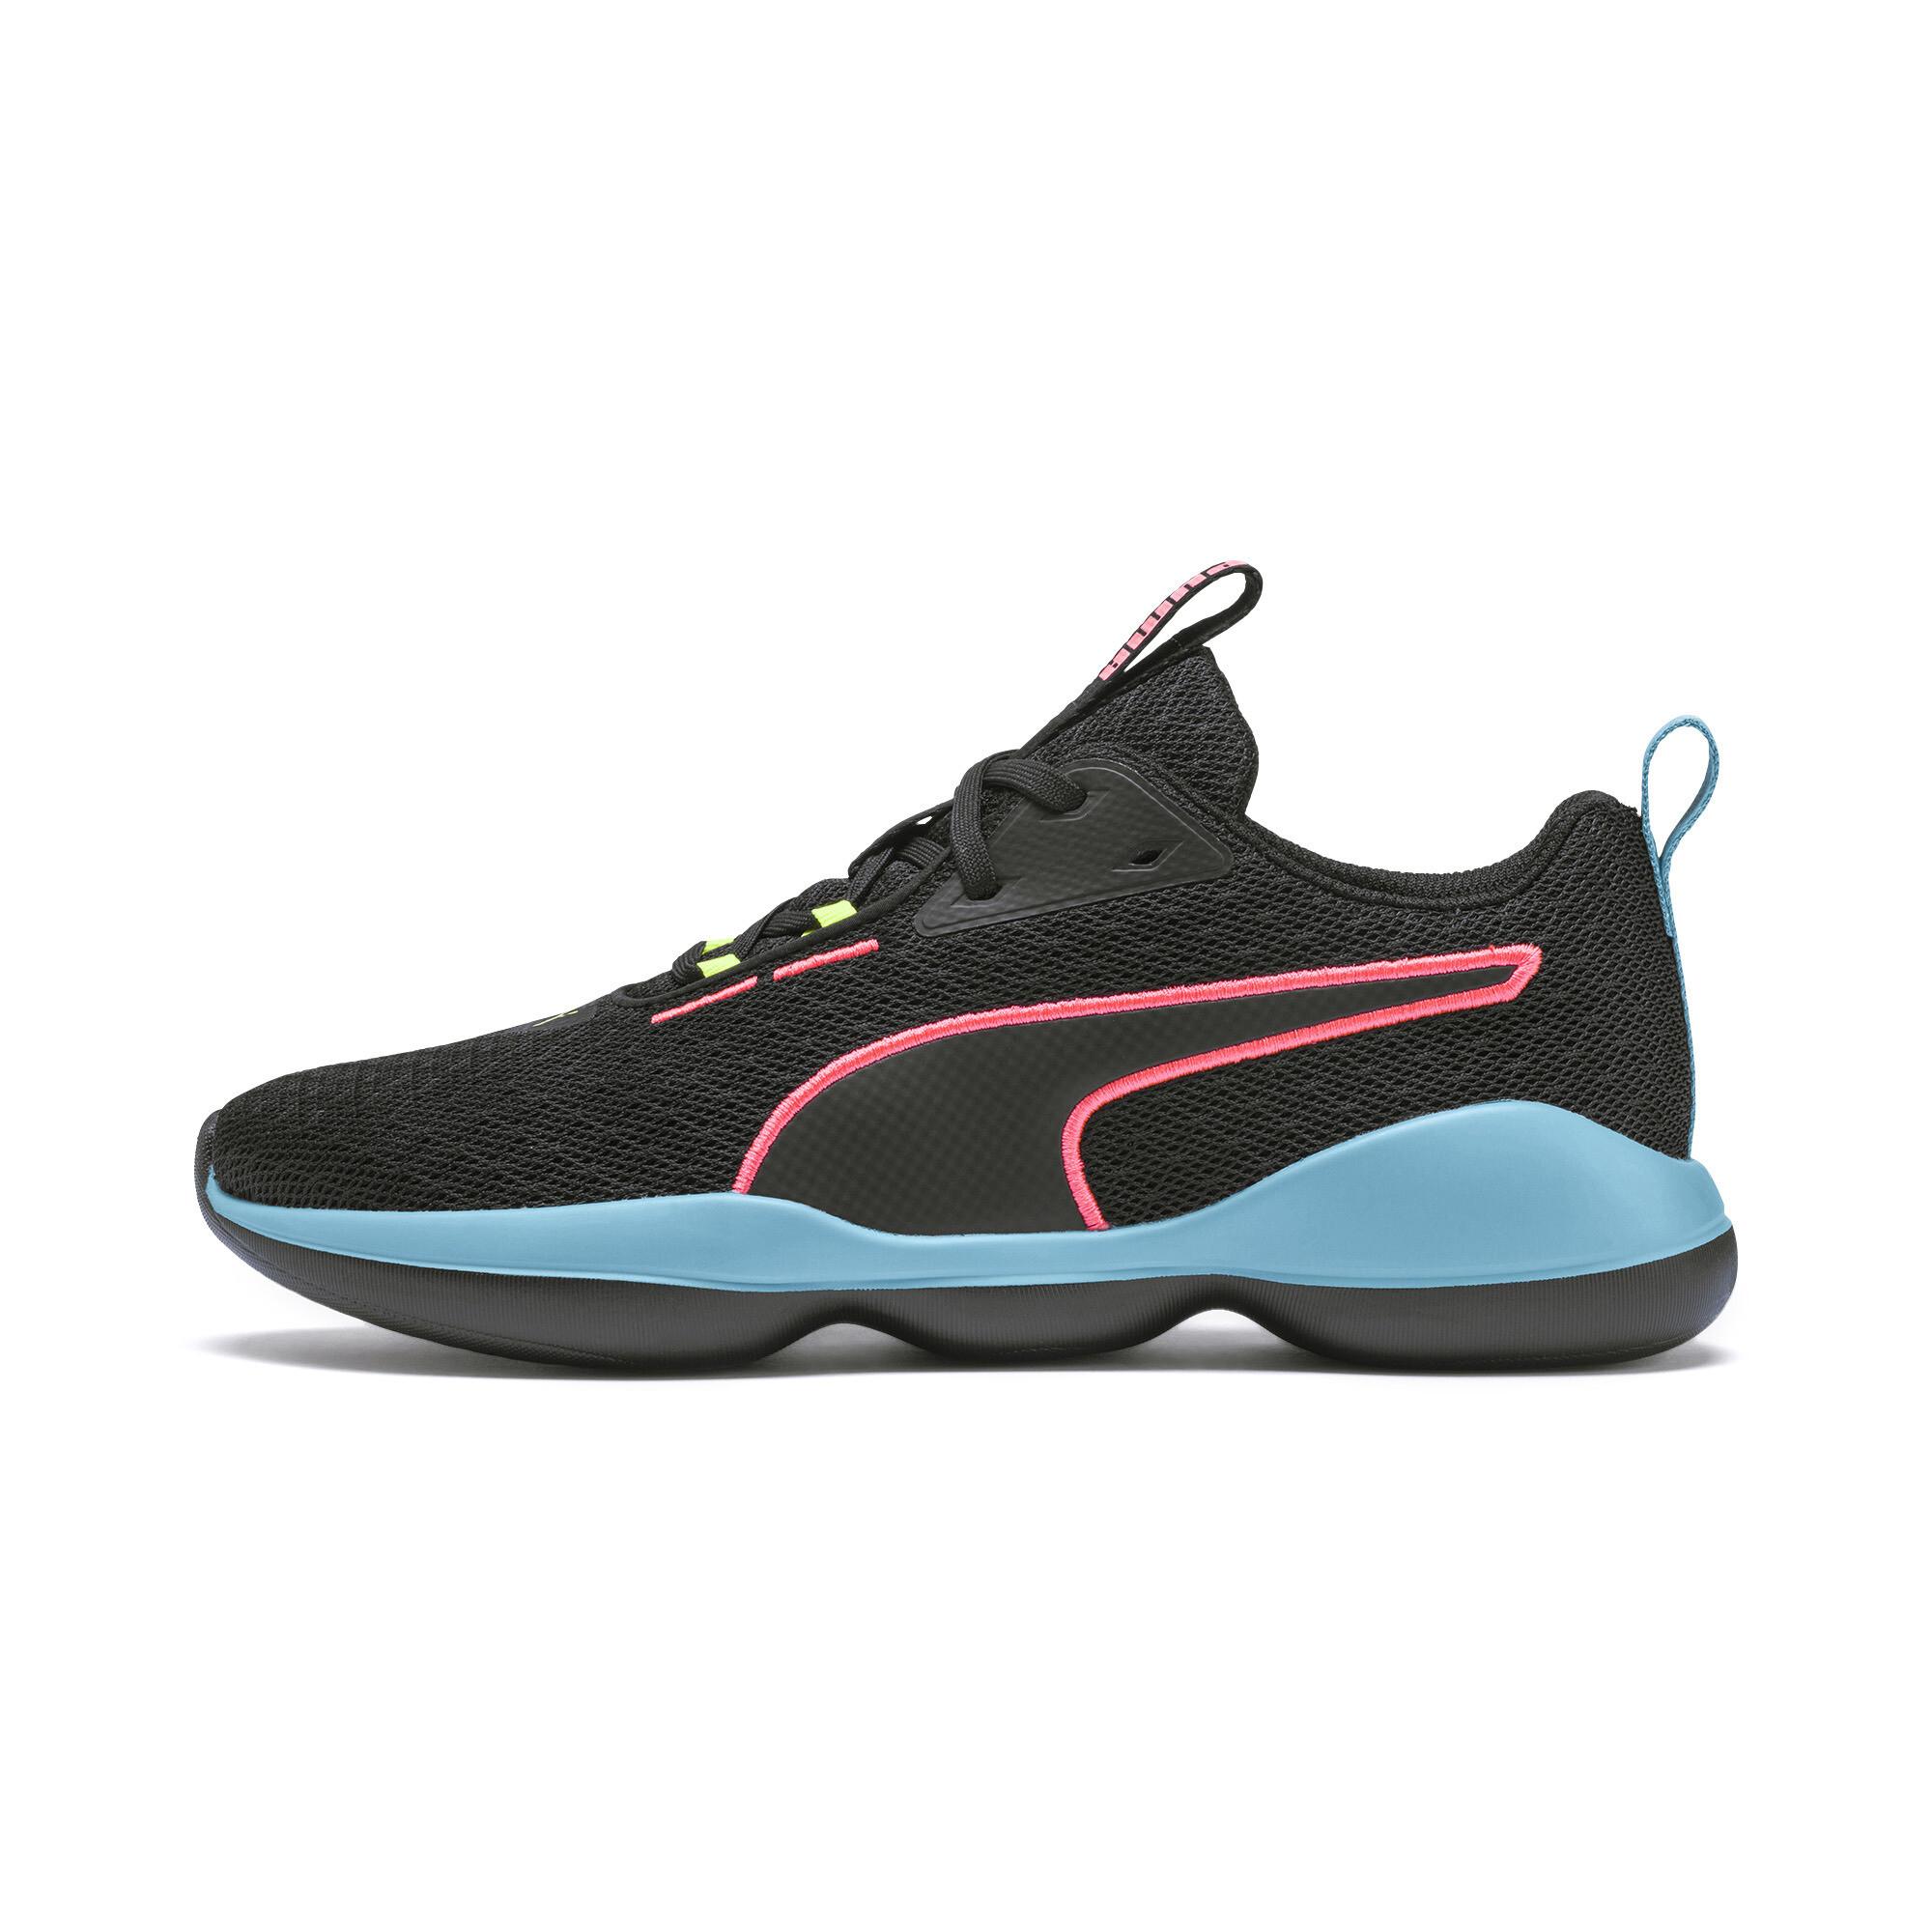 PUMA-Flourish-FS-Women-039-s-Training-Shoes-Women-Shoe-Training thumbnail 4